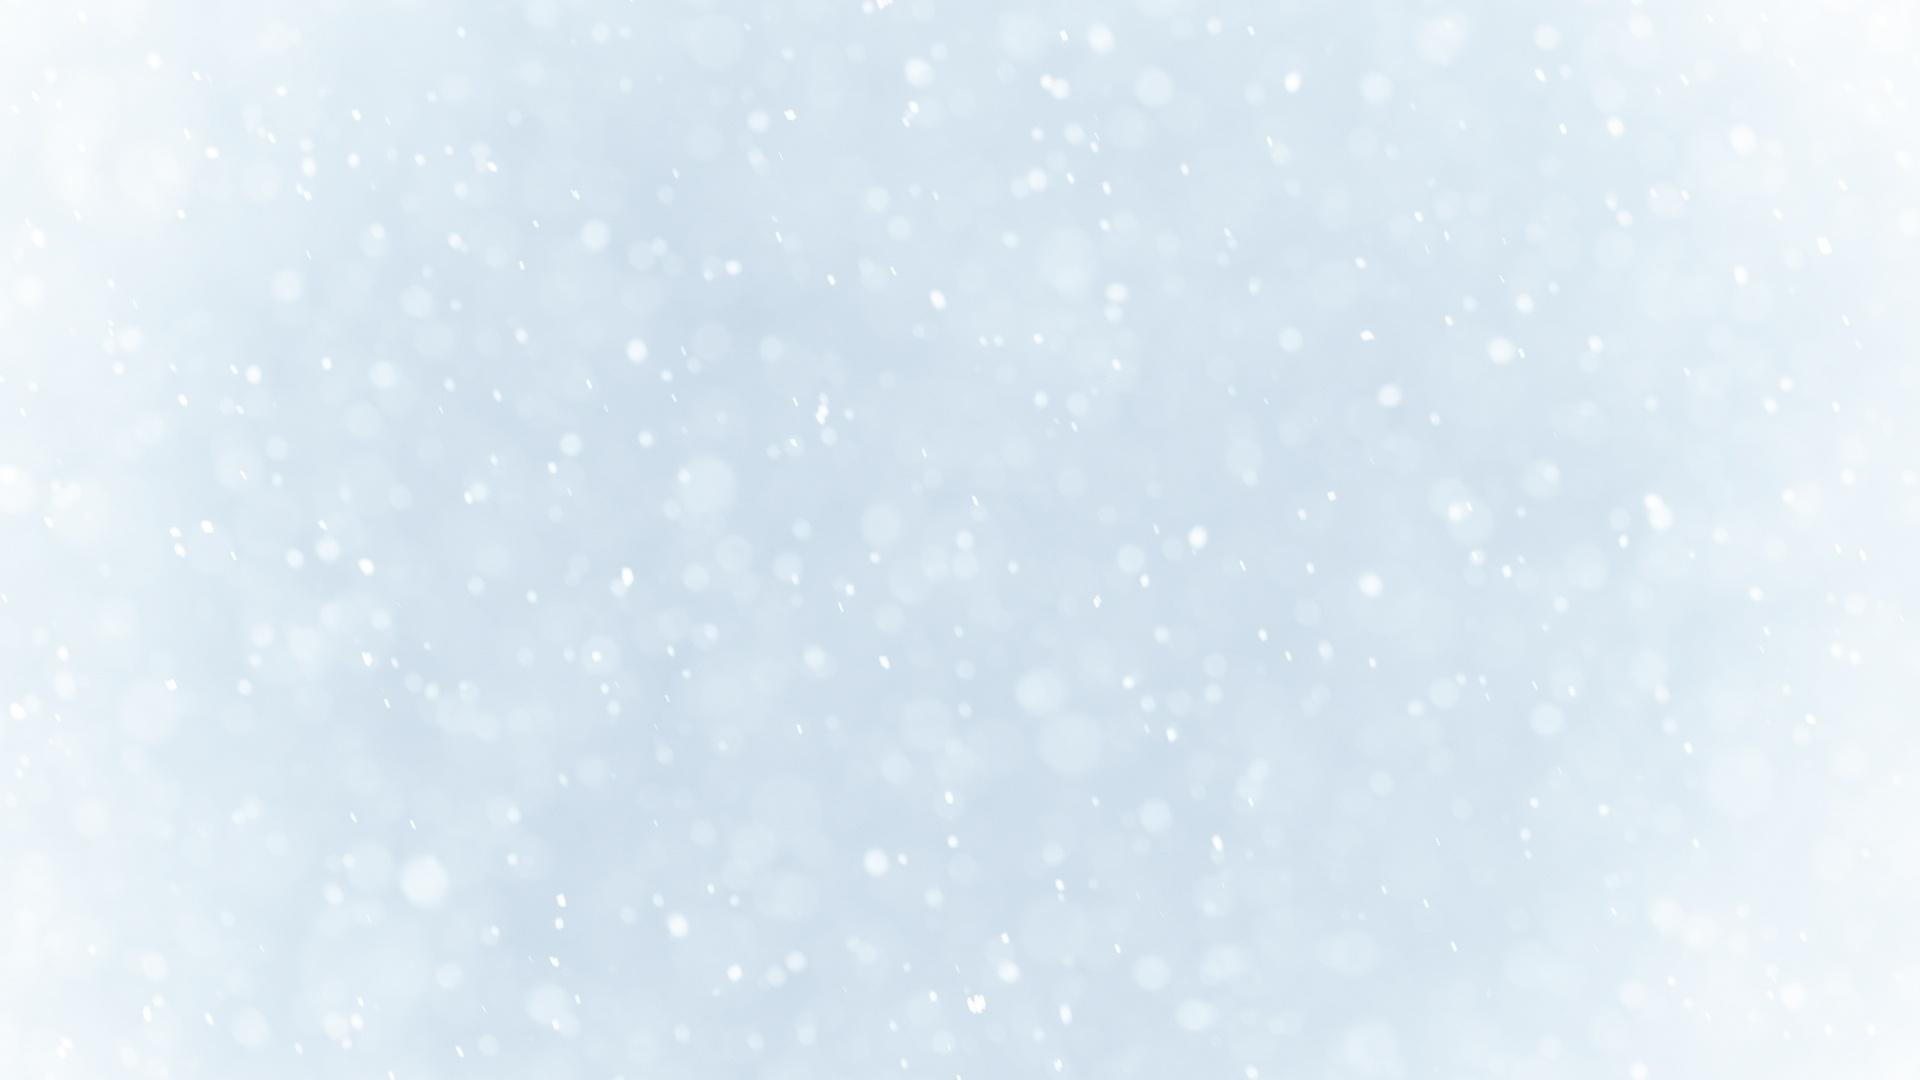 примеры показаны фон для фотошопа снег важные